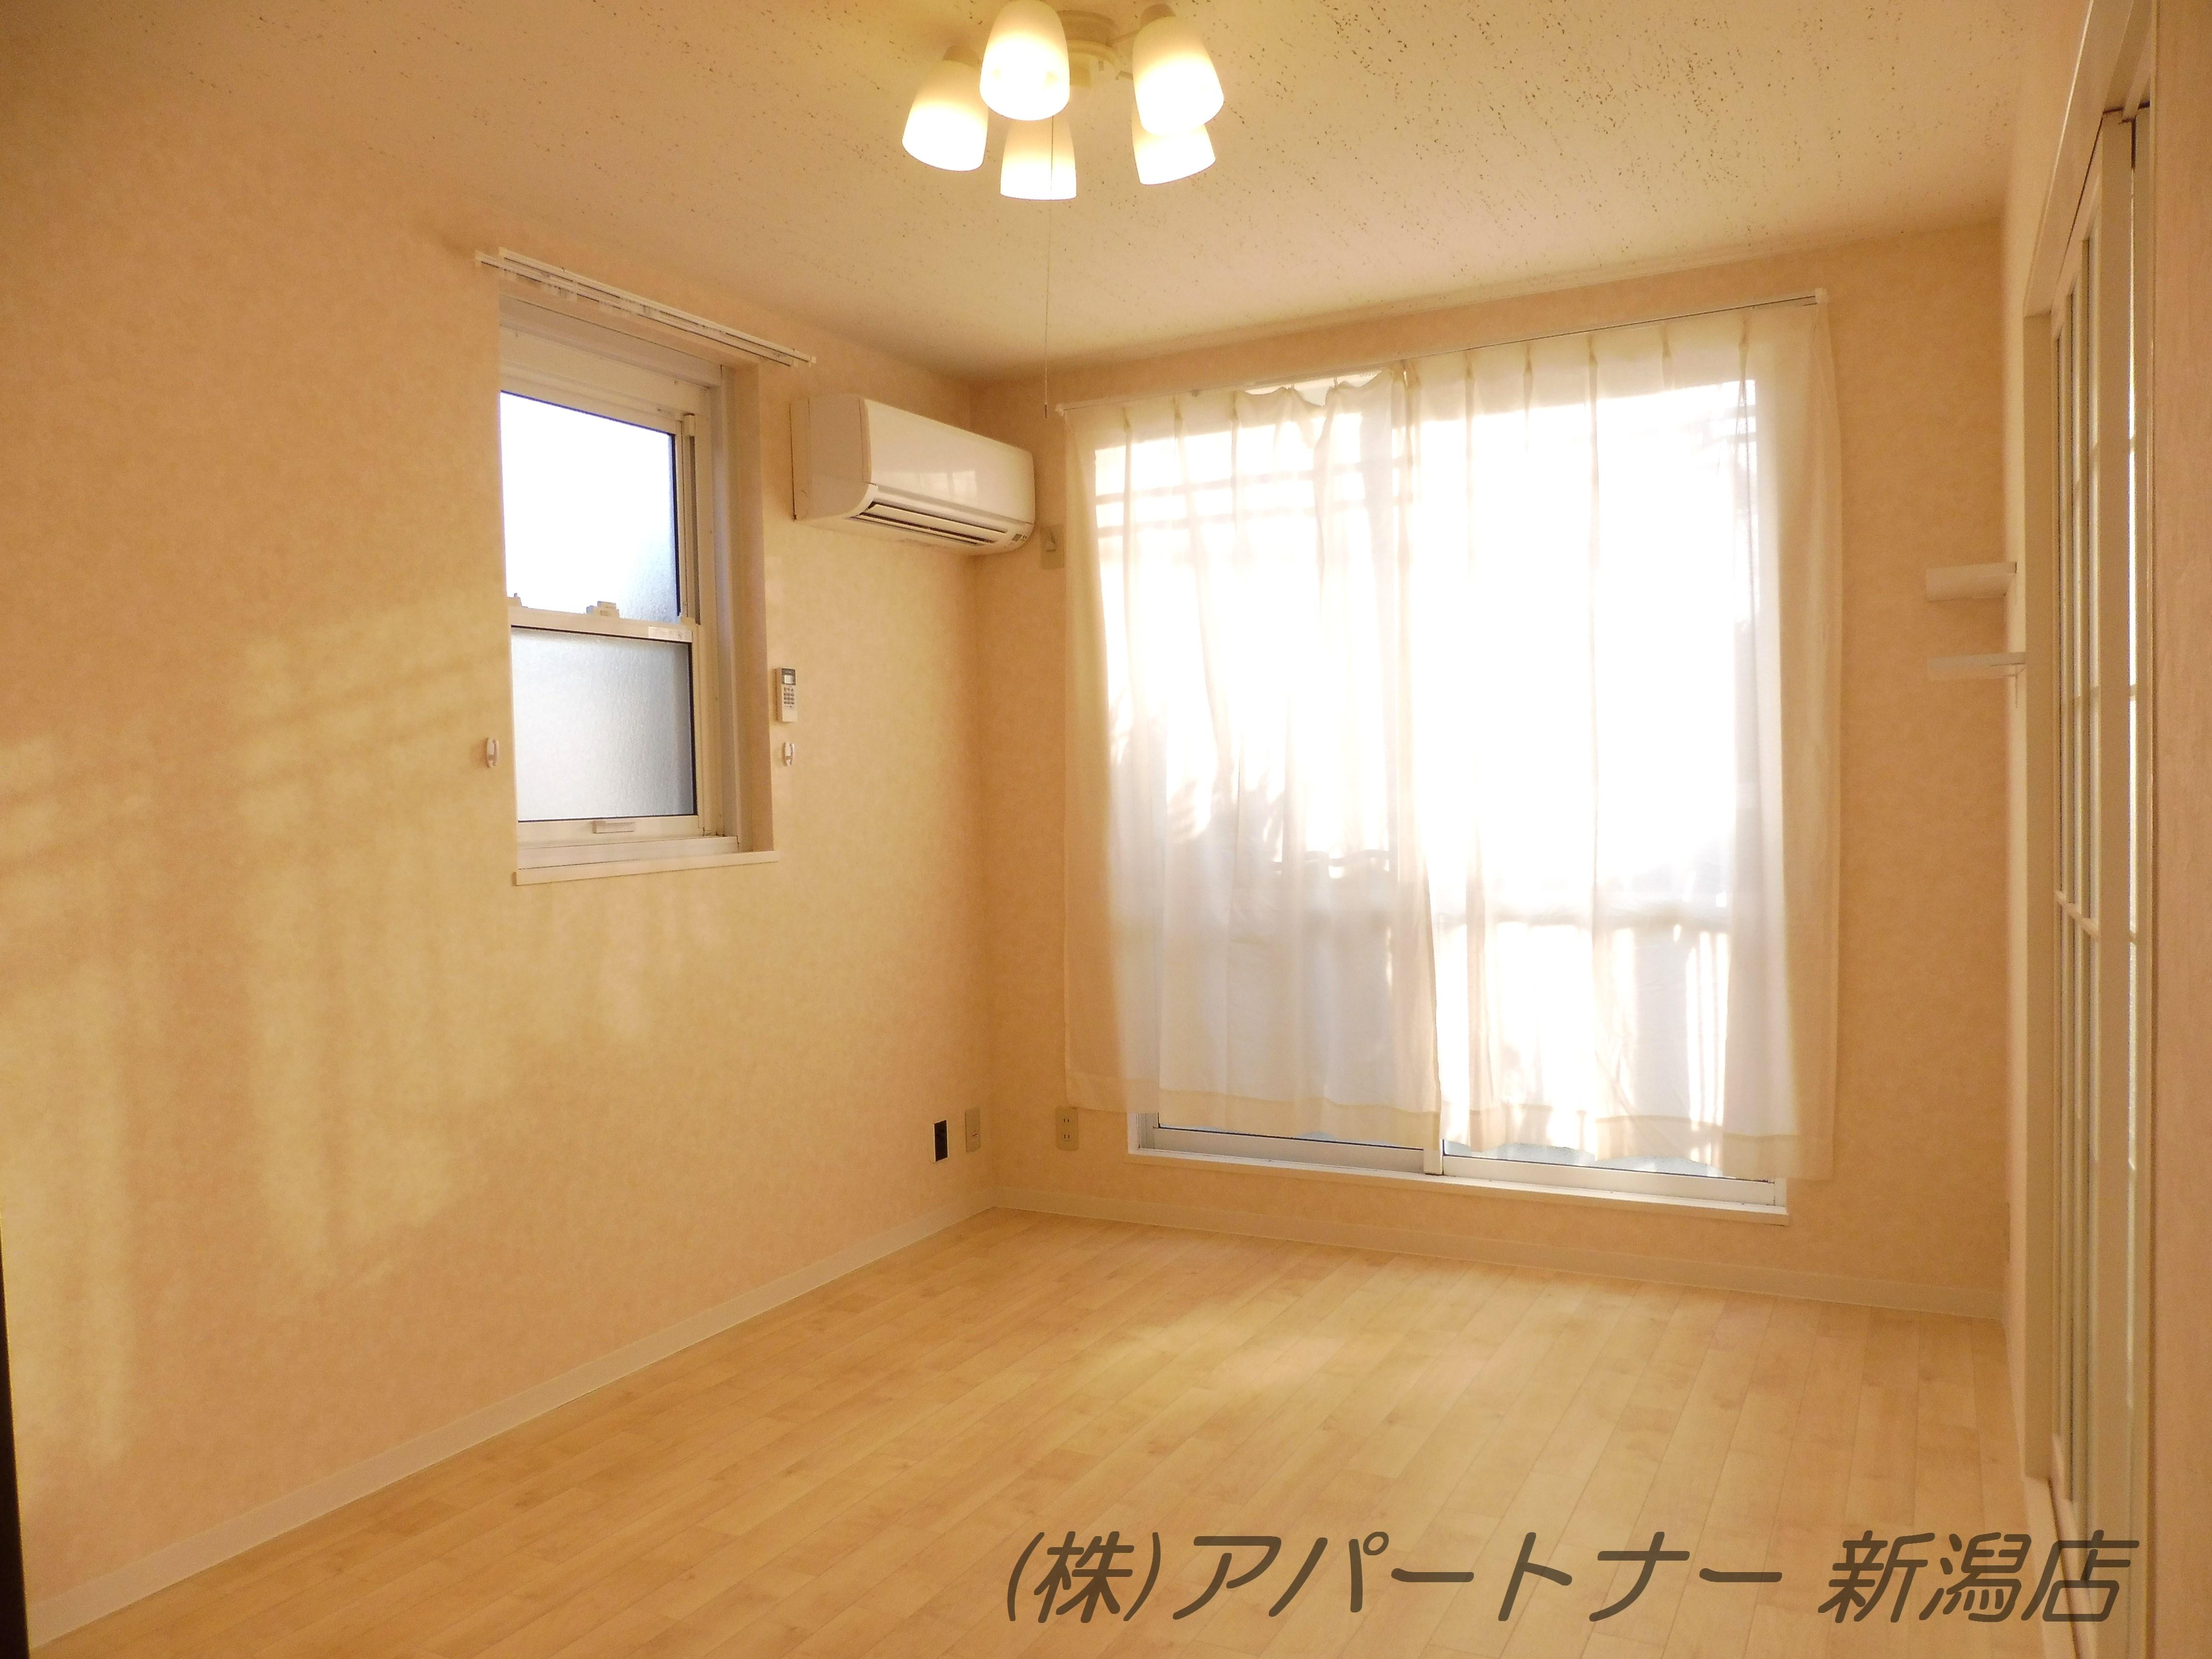 洋室6帖 西側のベランお部屋です。暖色の壁紙で温かみのあるお部屋になりました。